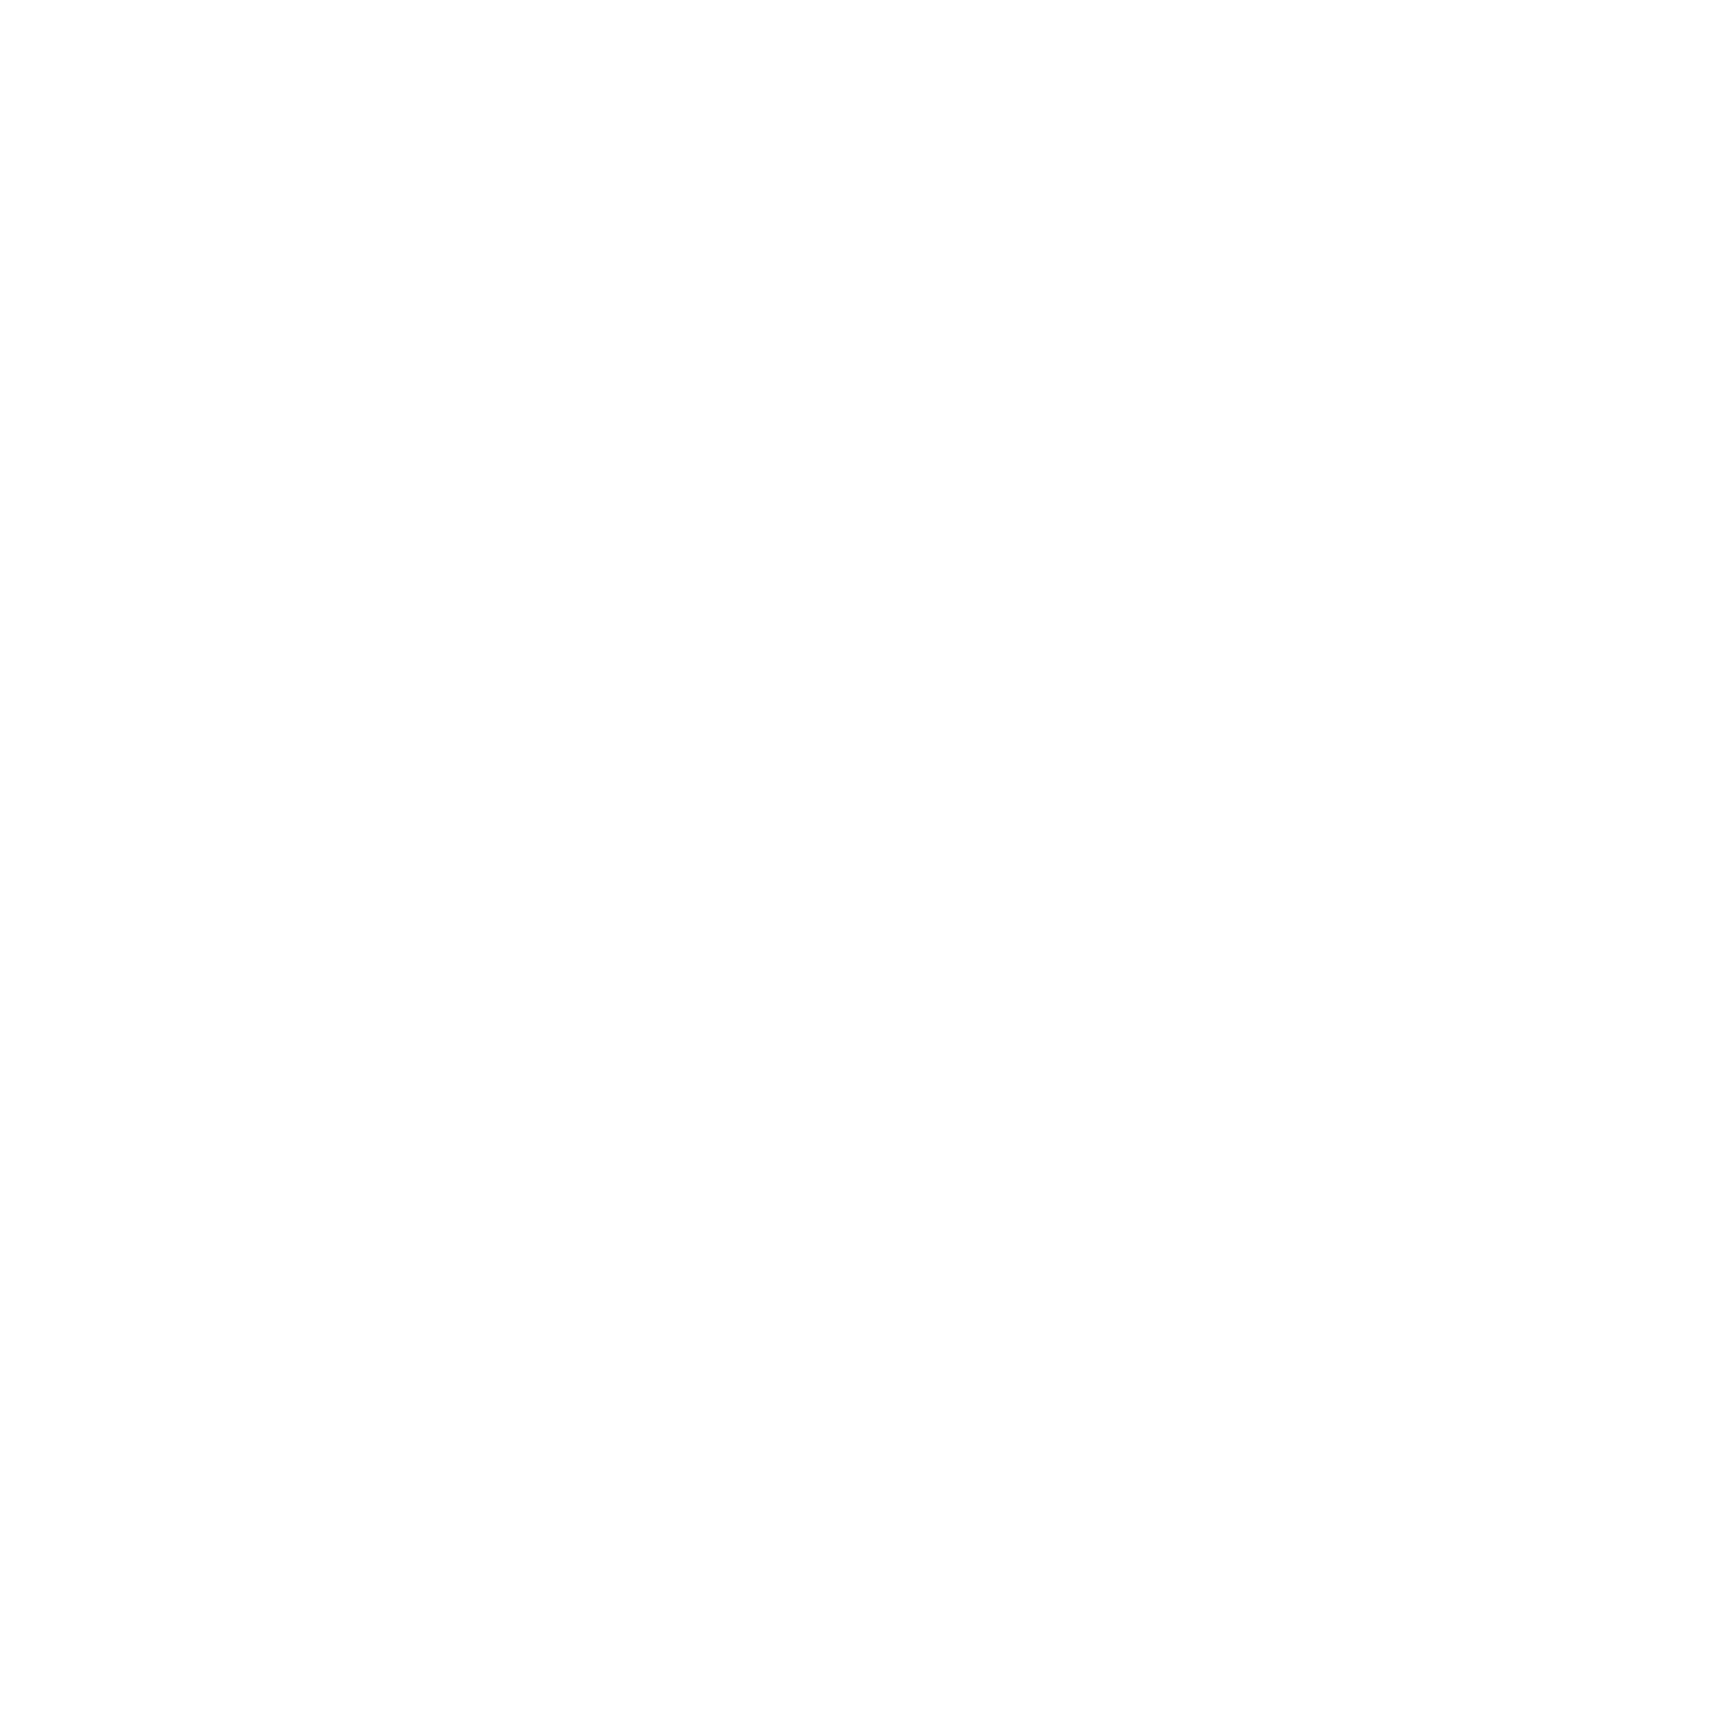 Telefonsymbol, wir sind jeder Zeit erreichbar